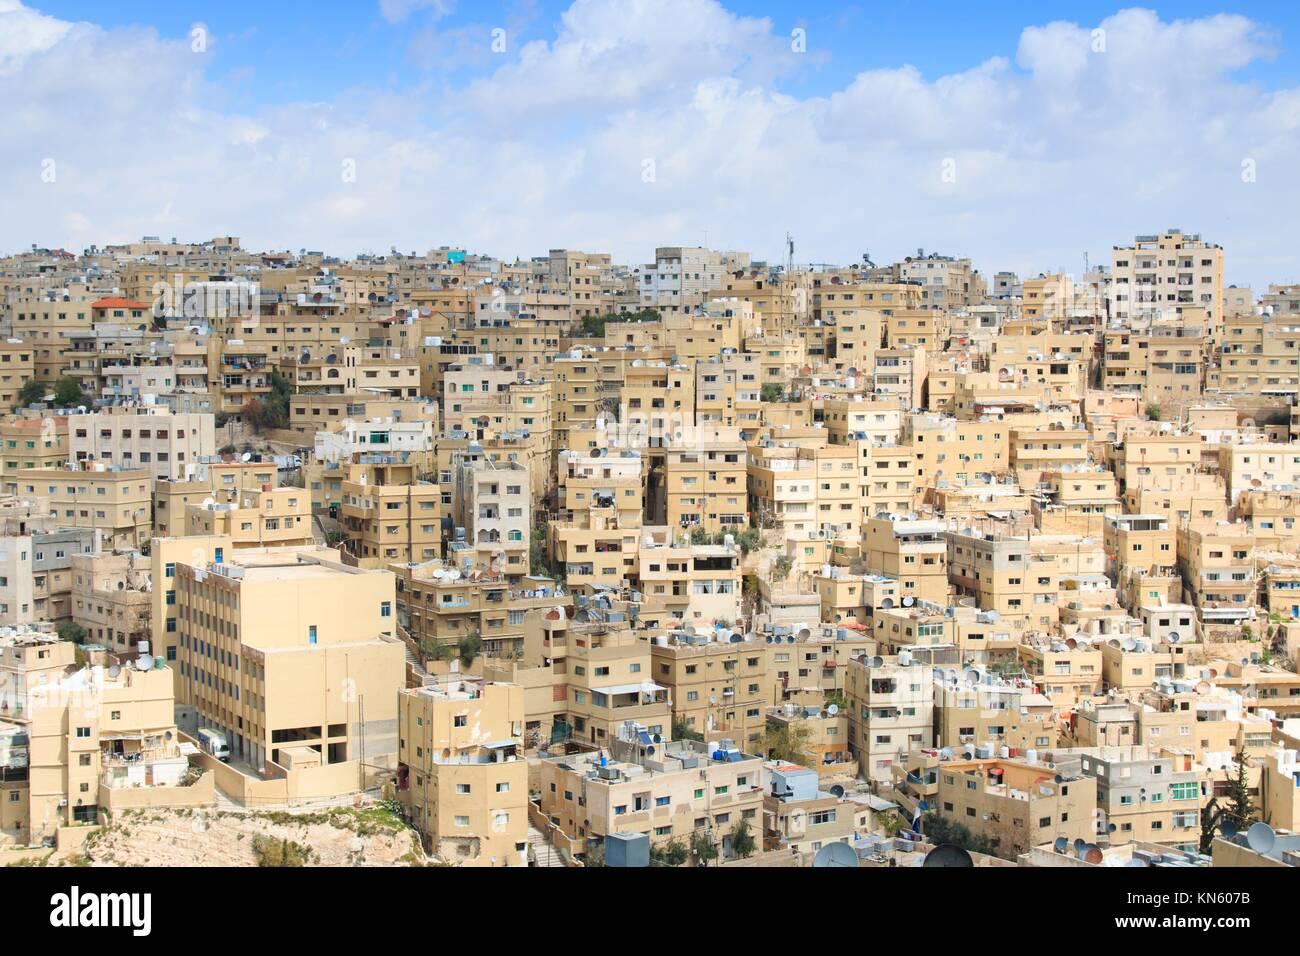 Amman, Jordanien: Panoramablick von Amman aus einem der Hügel rund um die Stadt. Stockbild